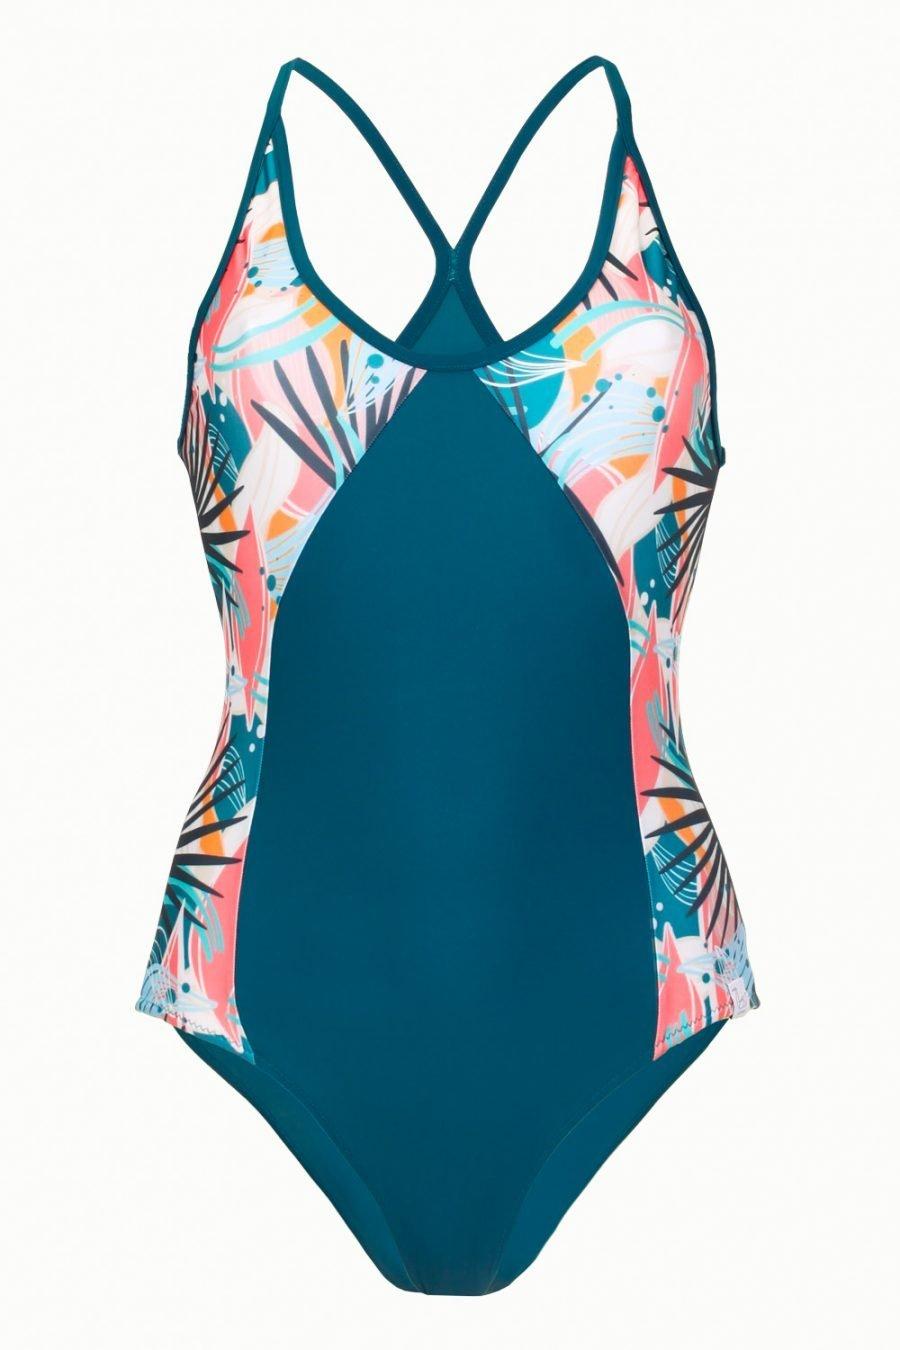 costume amelia abbigliamento yoga donna made in Italy colore tropical